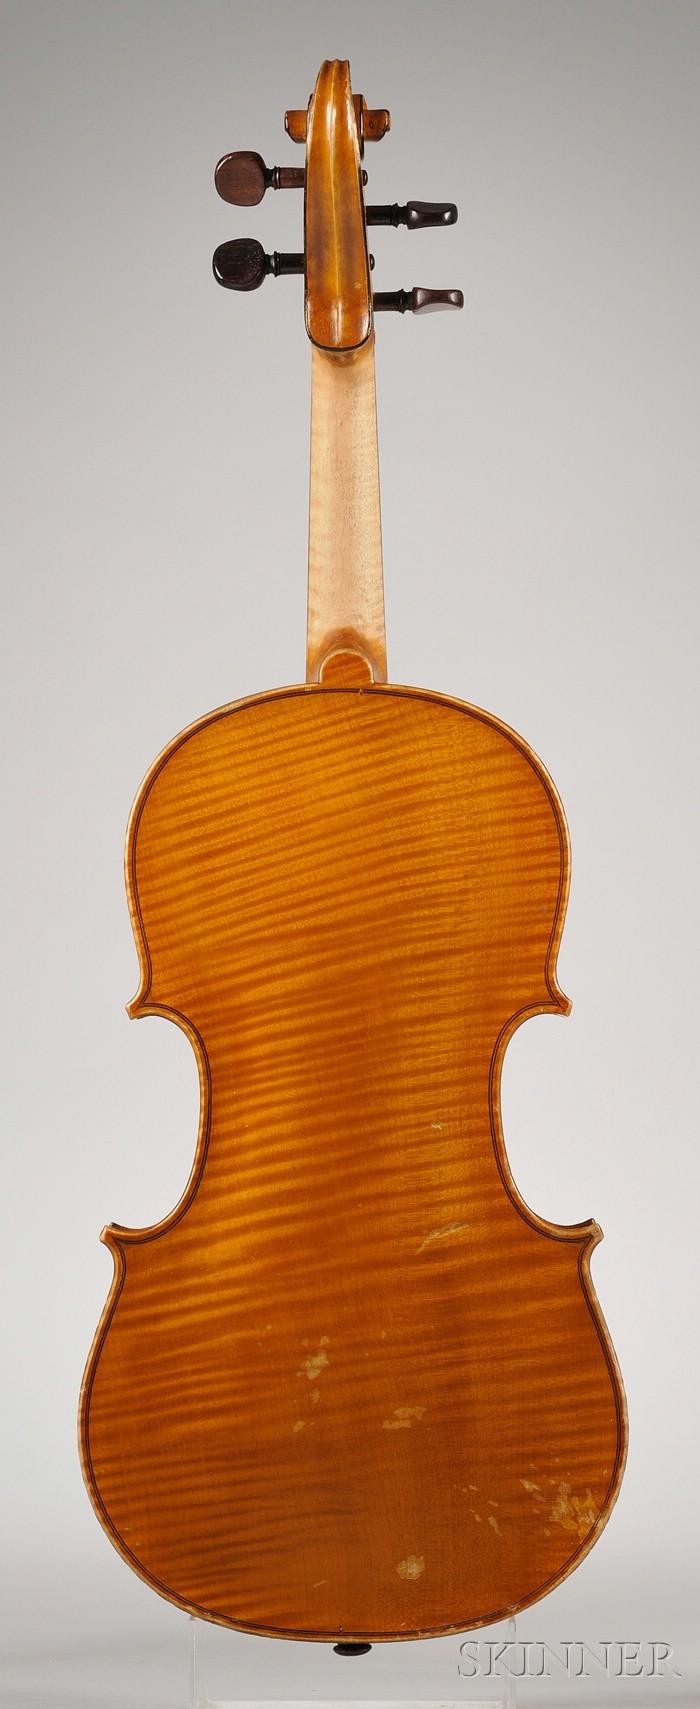 Modern French Violin, Possibly Delanoy Workshop, Bordeaux, c. 1910